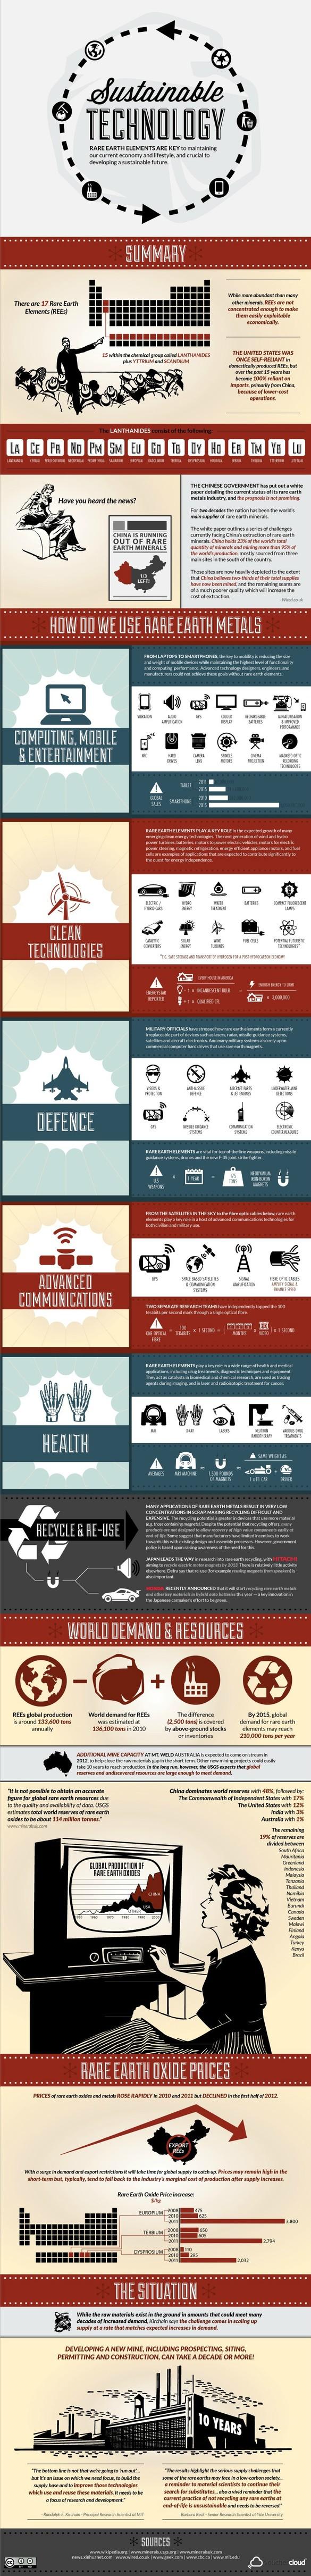 Tecnolog a sostenible infografia infographic for Tecnologia sostenible